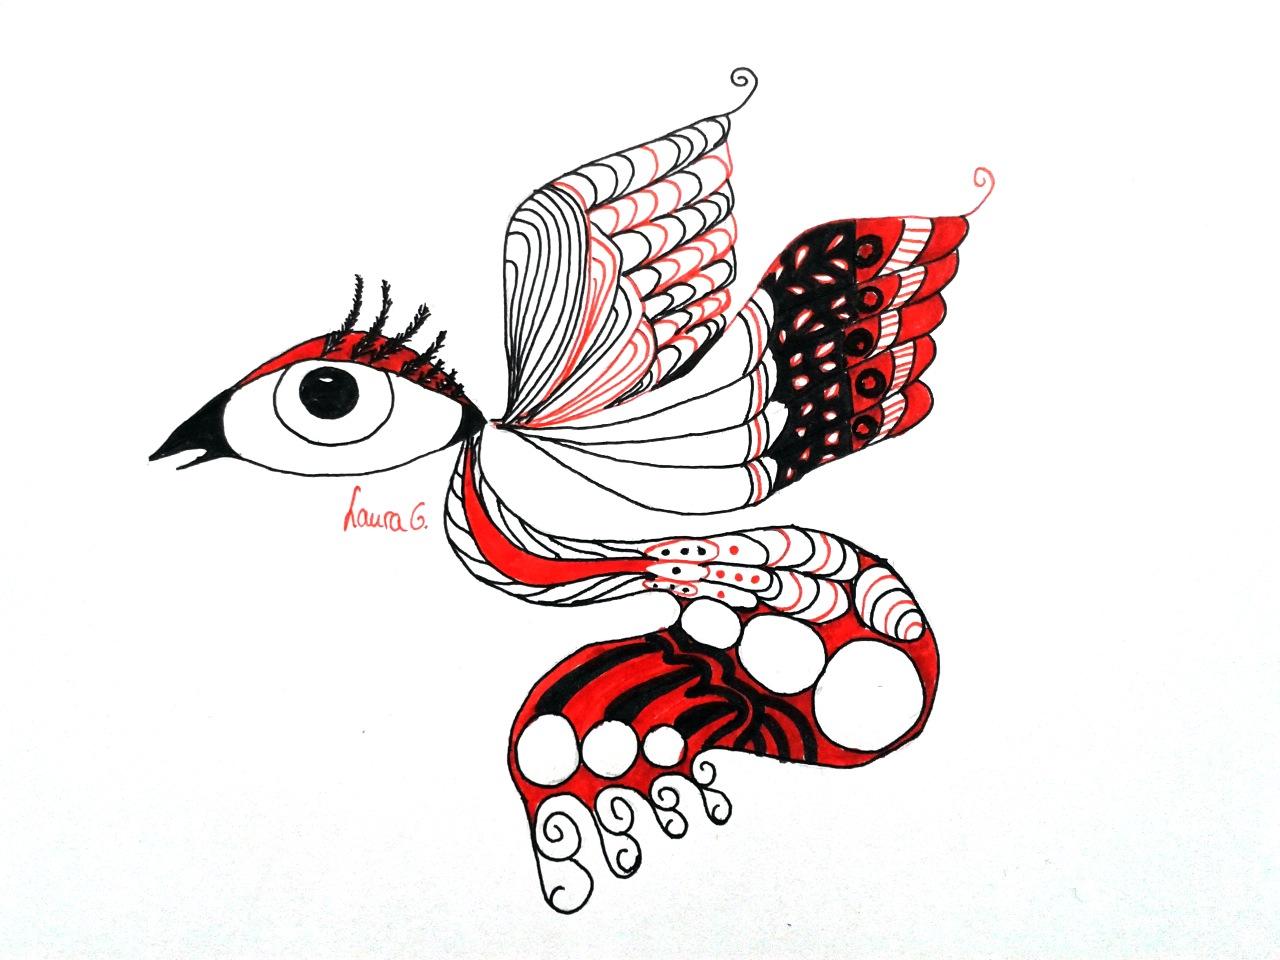 Lauras Zeichnung